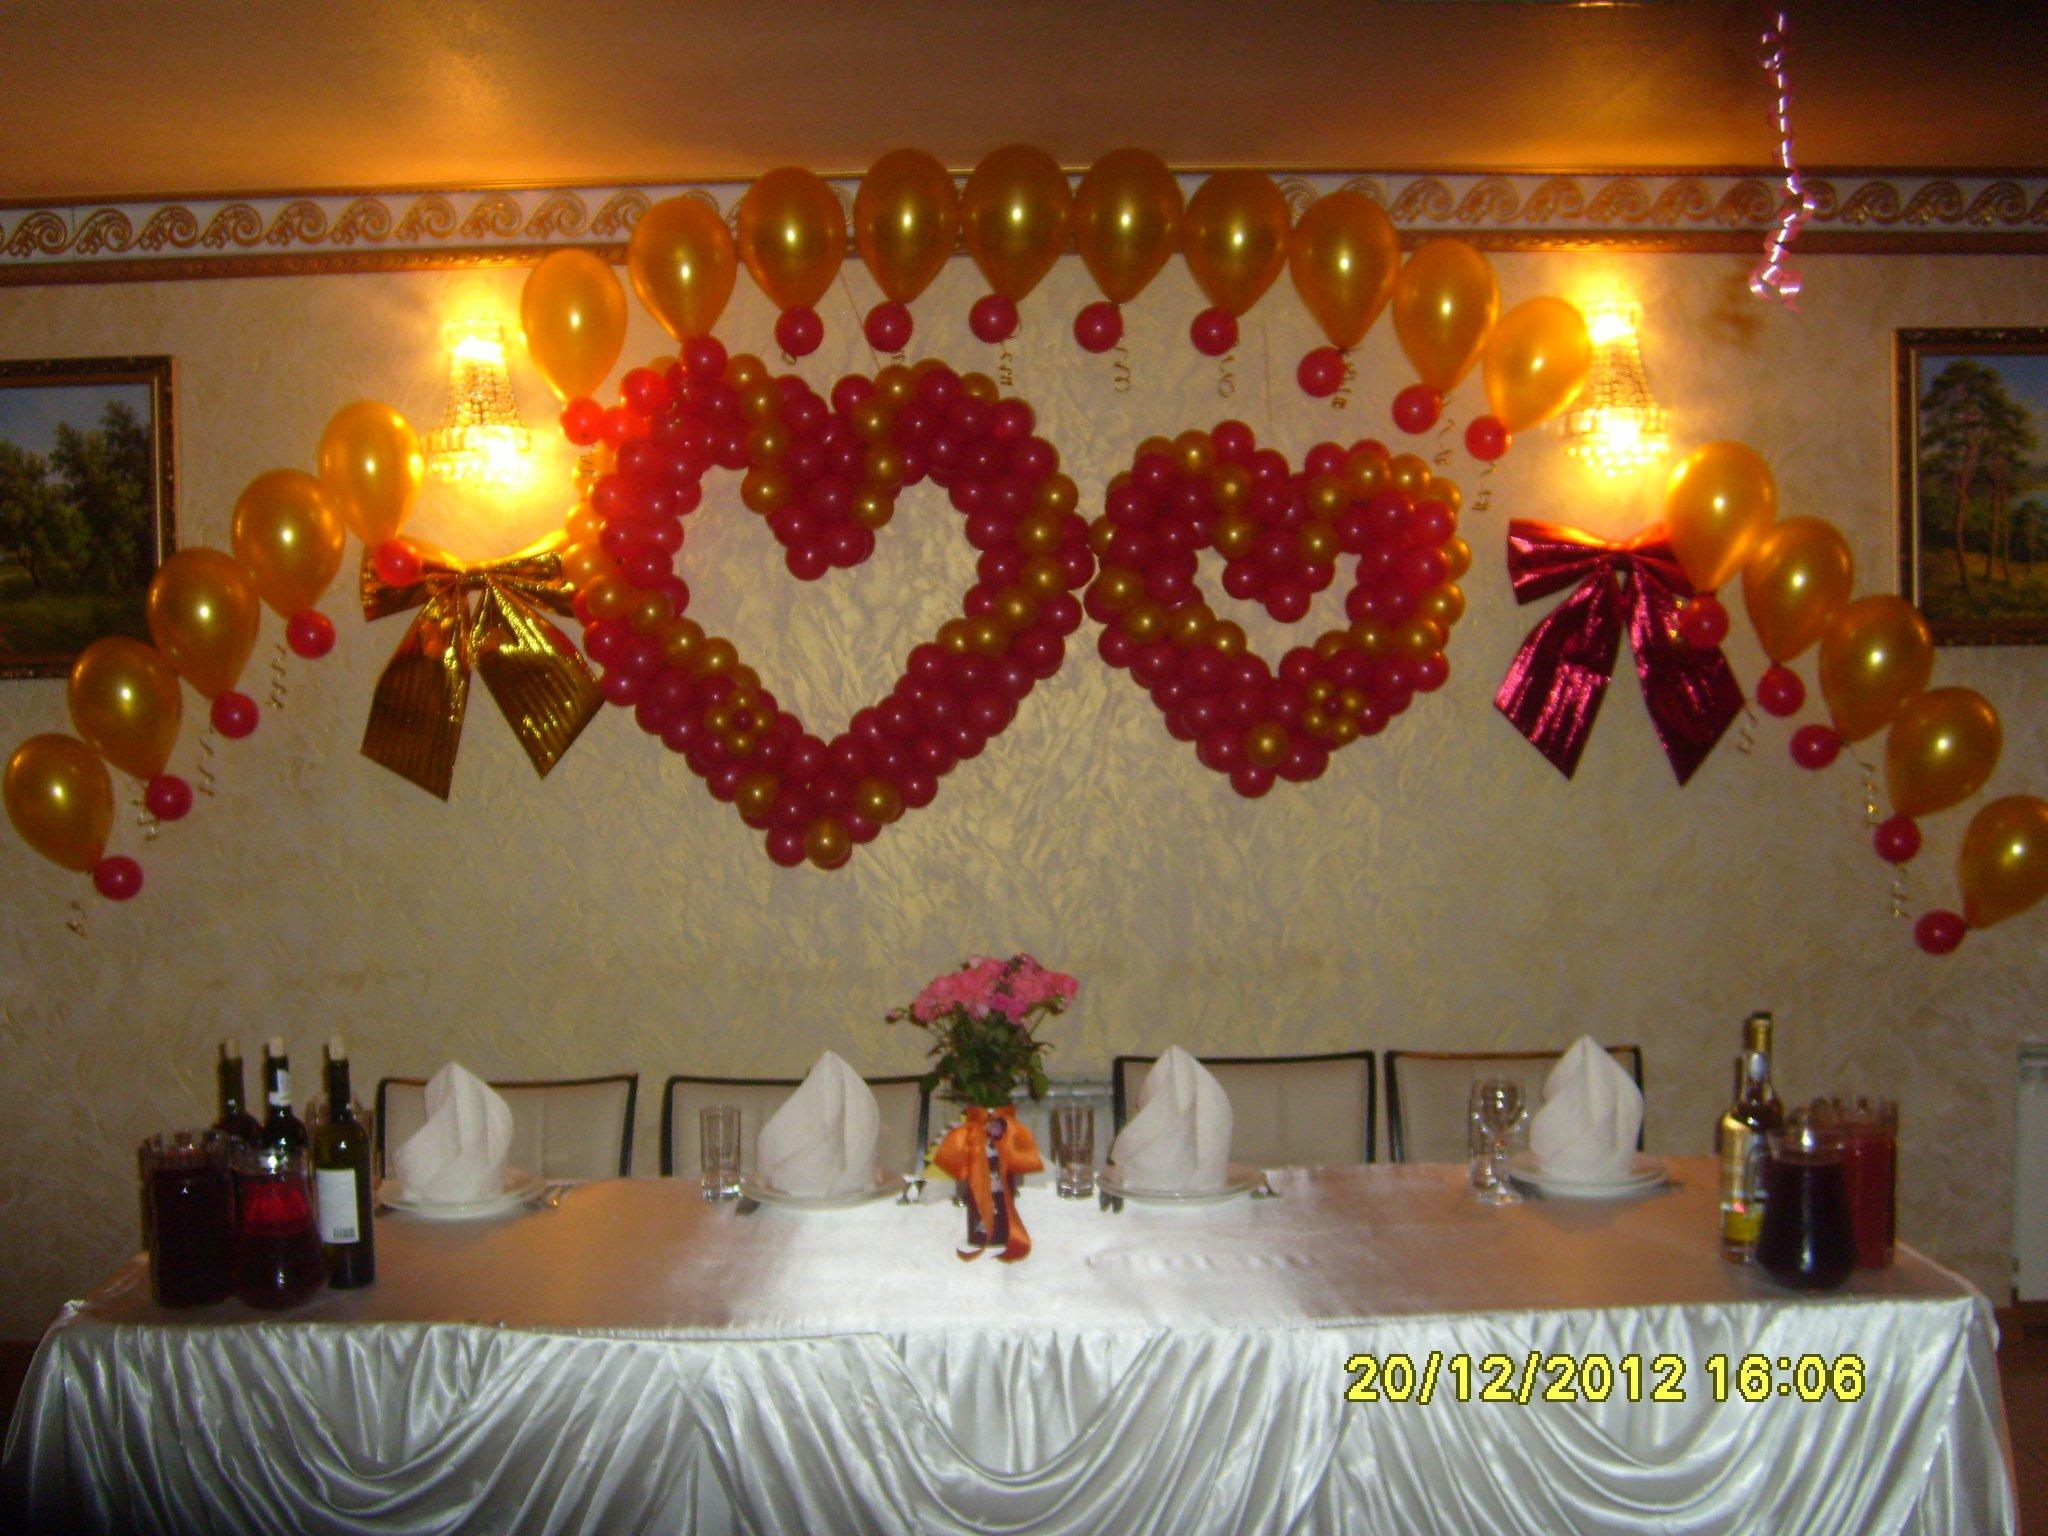 Украшение свадьбы подчеркивает стиль зала